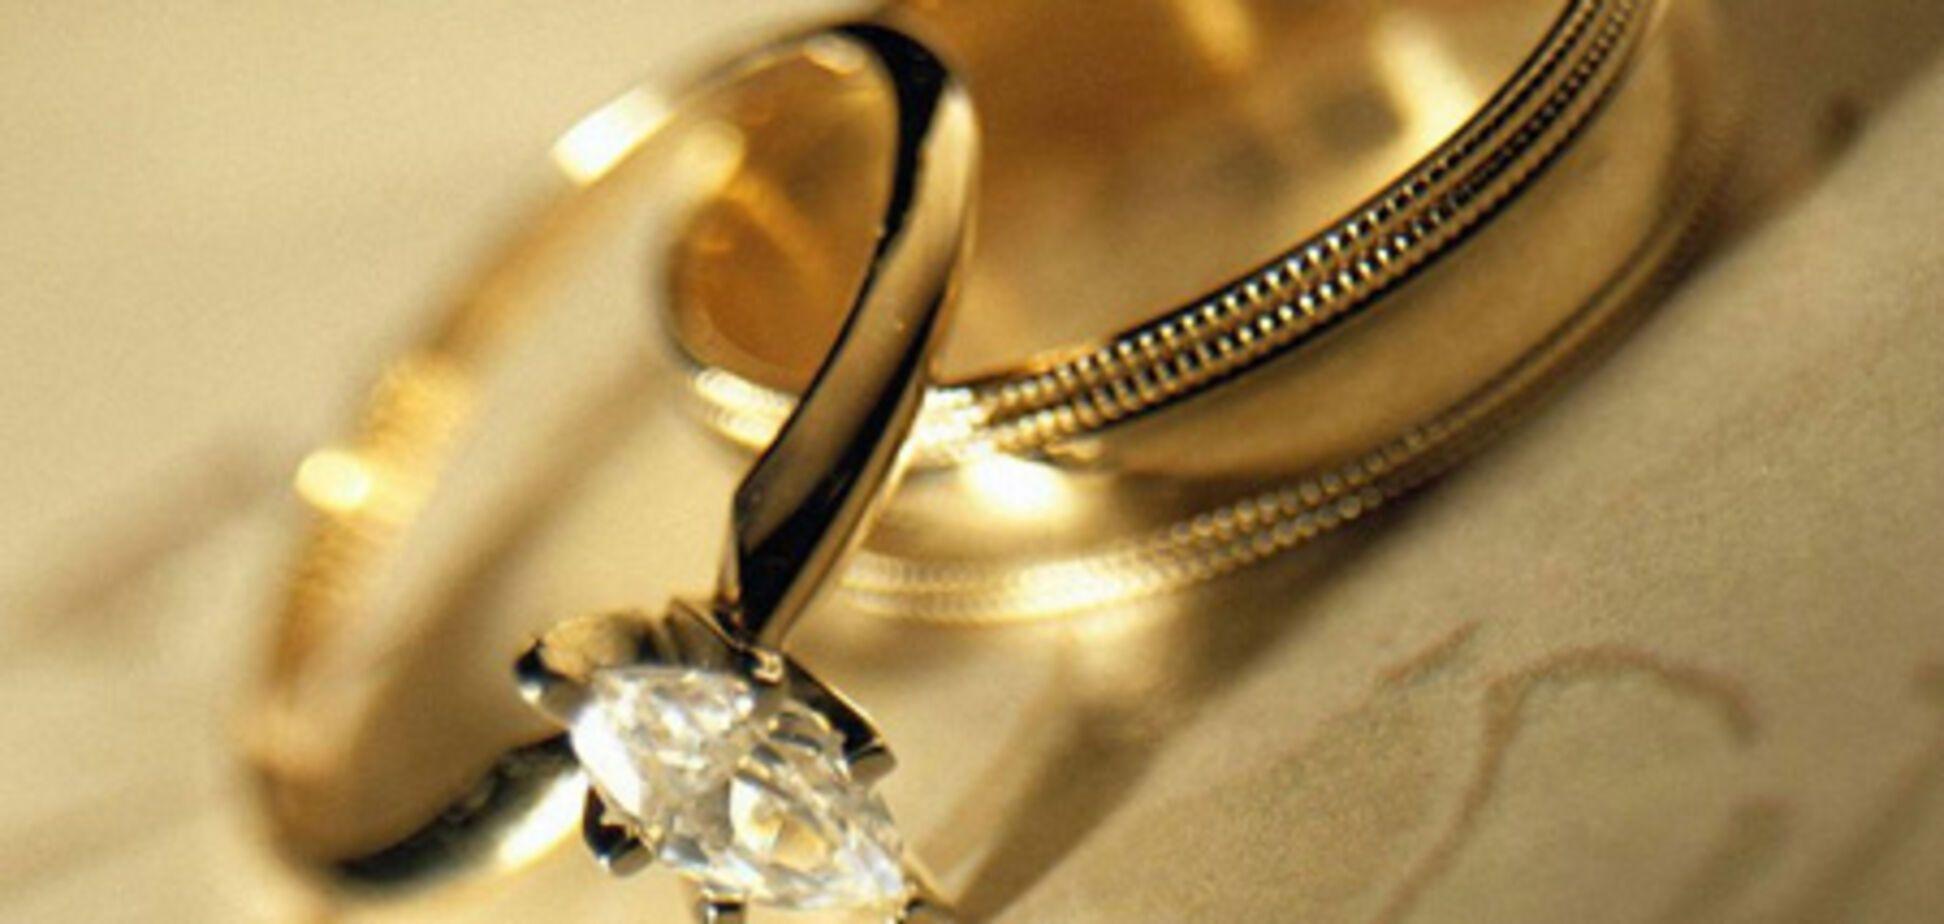 Як вийти заміж, щоб уникнути розлучення